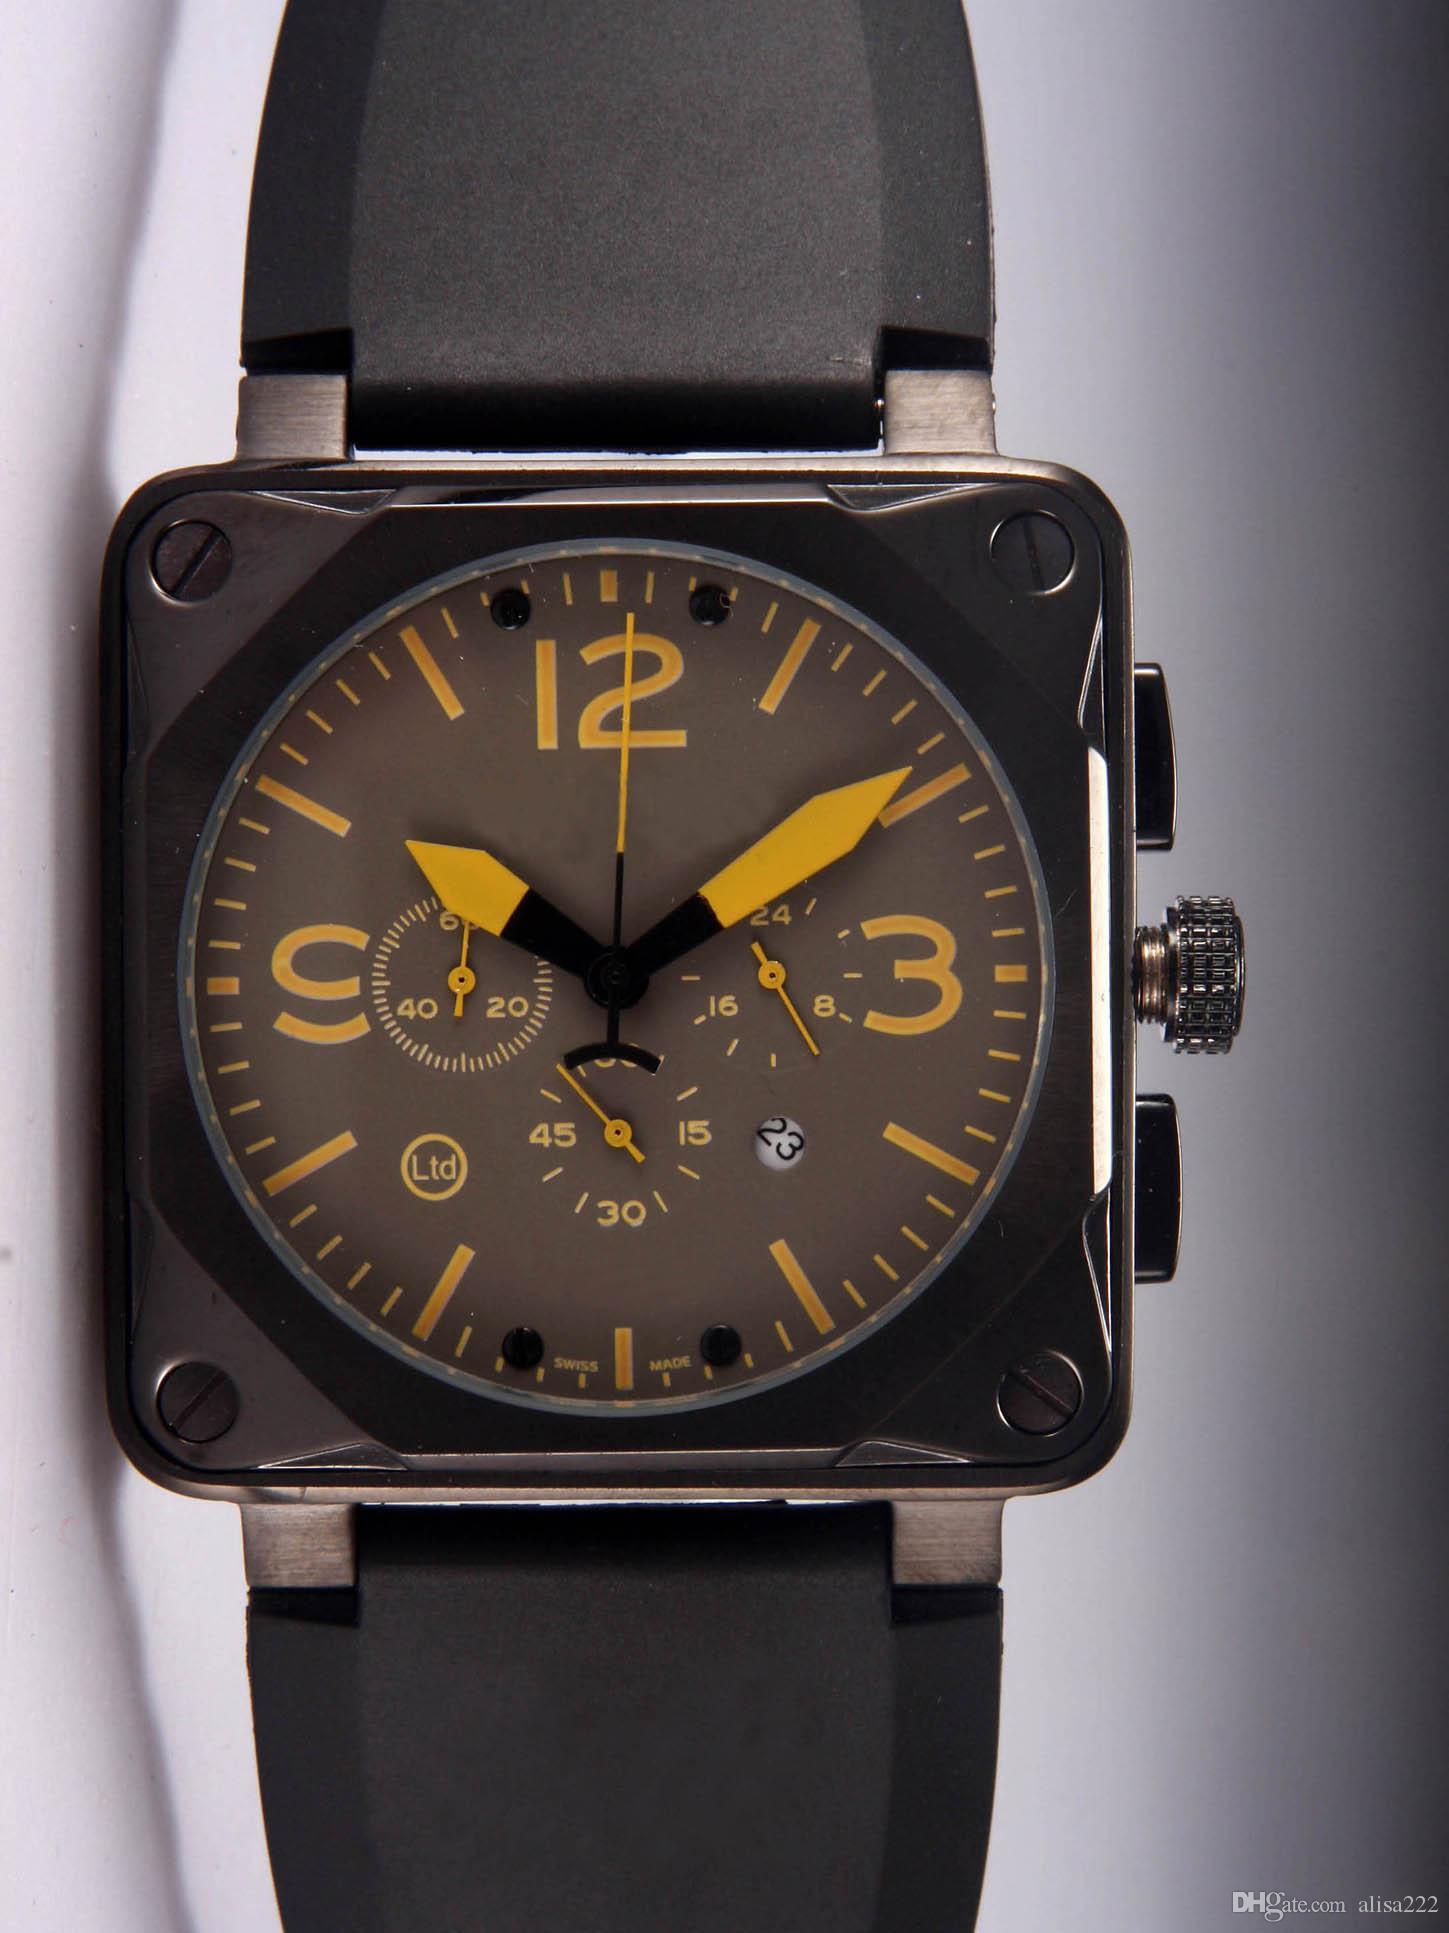 Homens de luxo Relógios de Quartzo Chronograph Melhor Marca de Borracha Preta Data Dia Quadrado Quadrado Do Vintage Suíço Casuais Mens Esporte Relógio de Pulso Caixa de Presentes